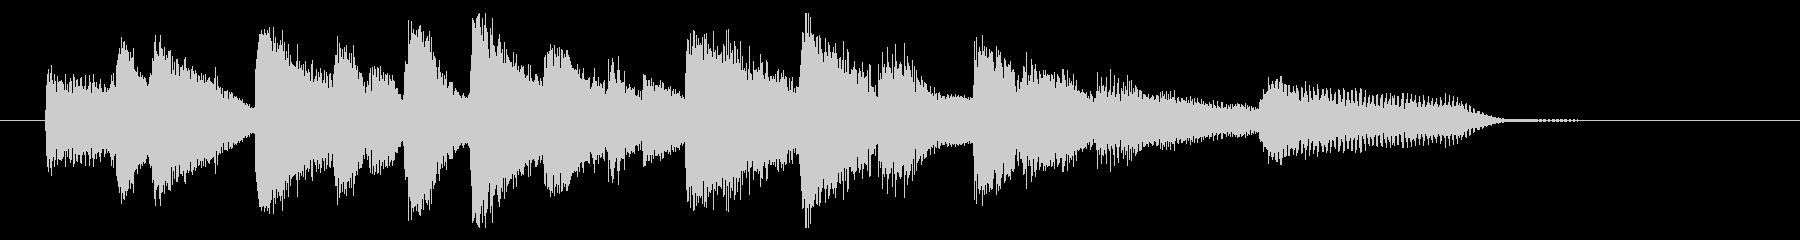 オシャレなジャズピアノジングル3の未再生の波形